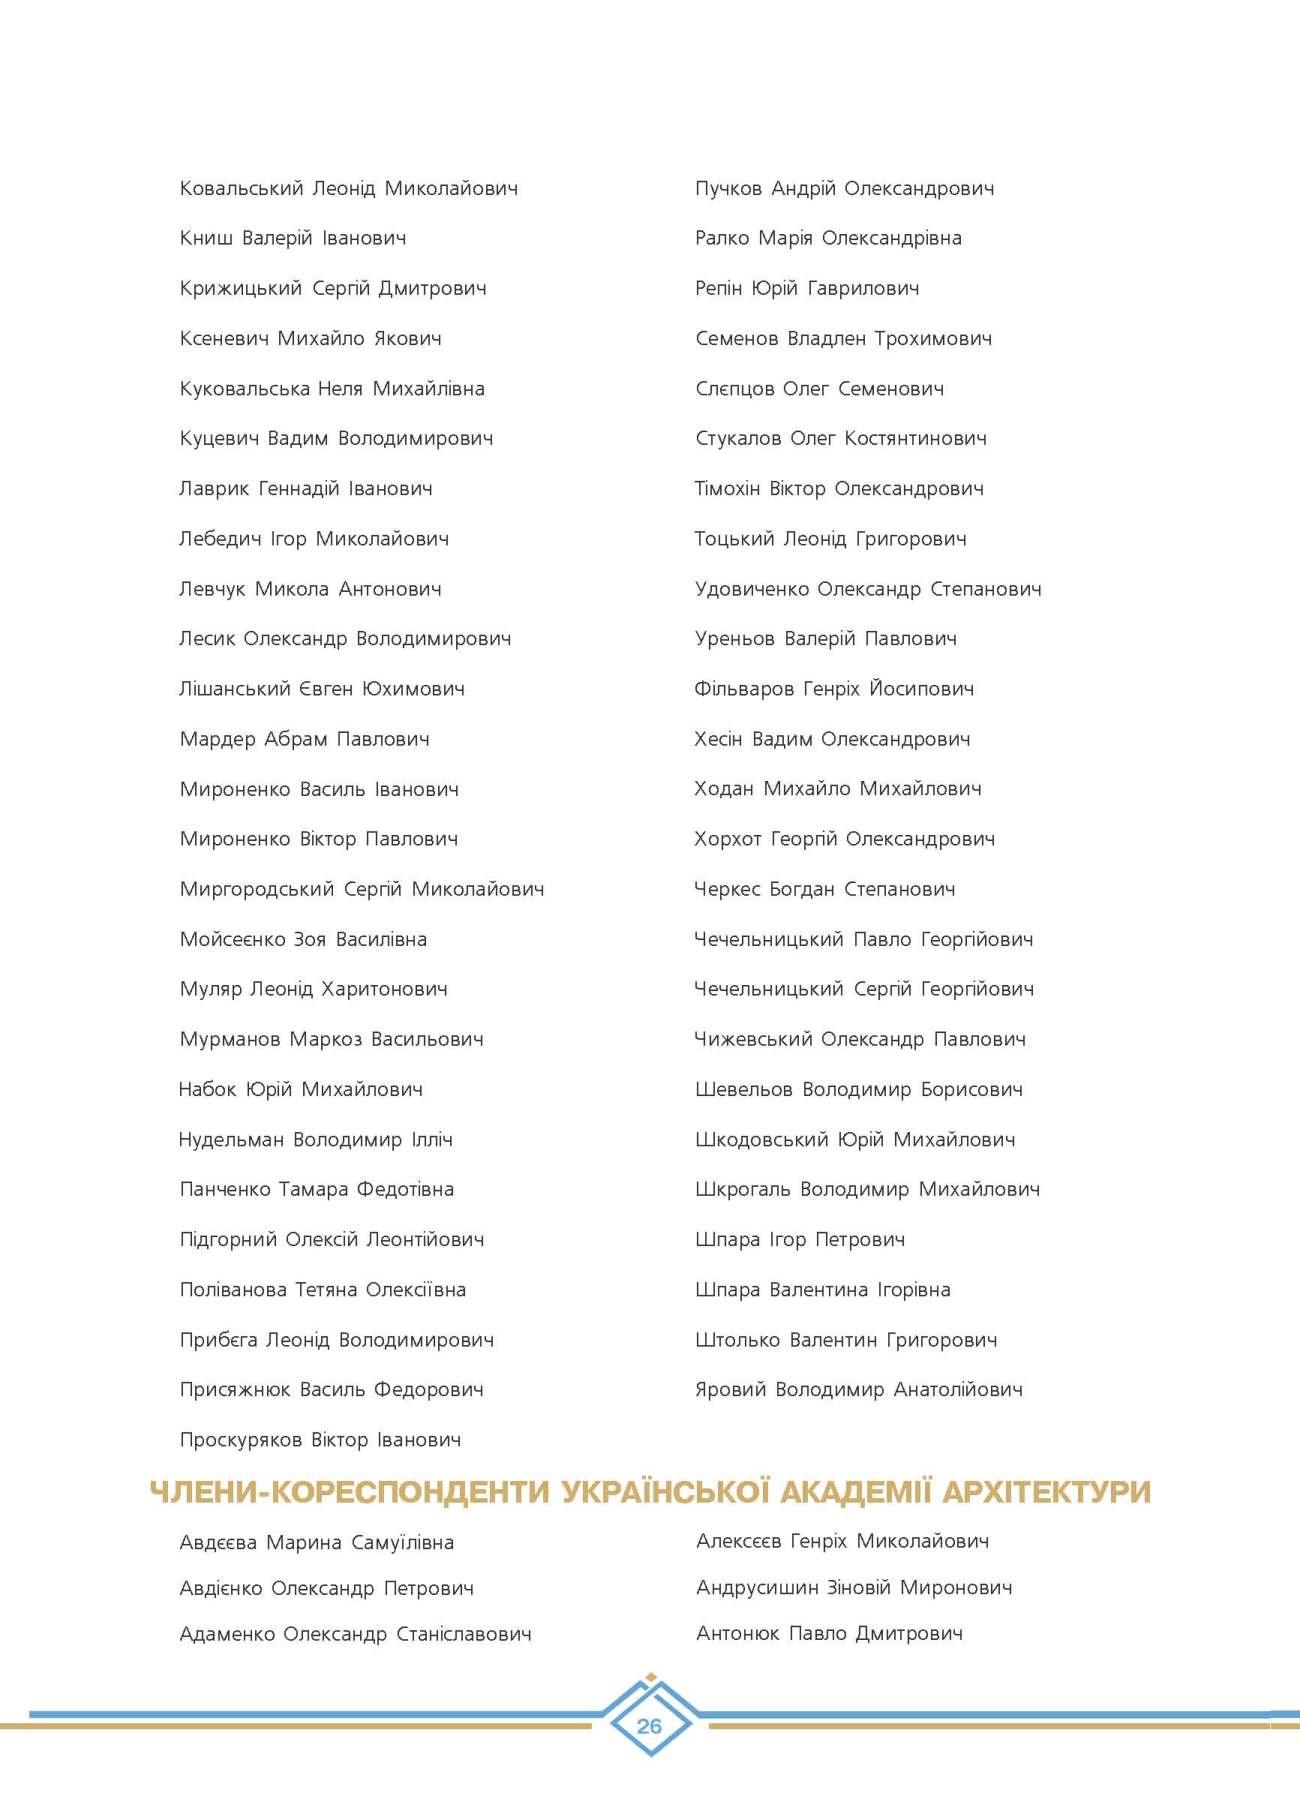 Дійсні члени Української академії архітектури